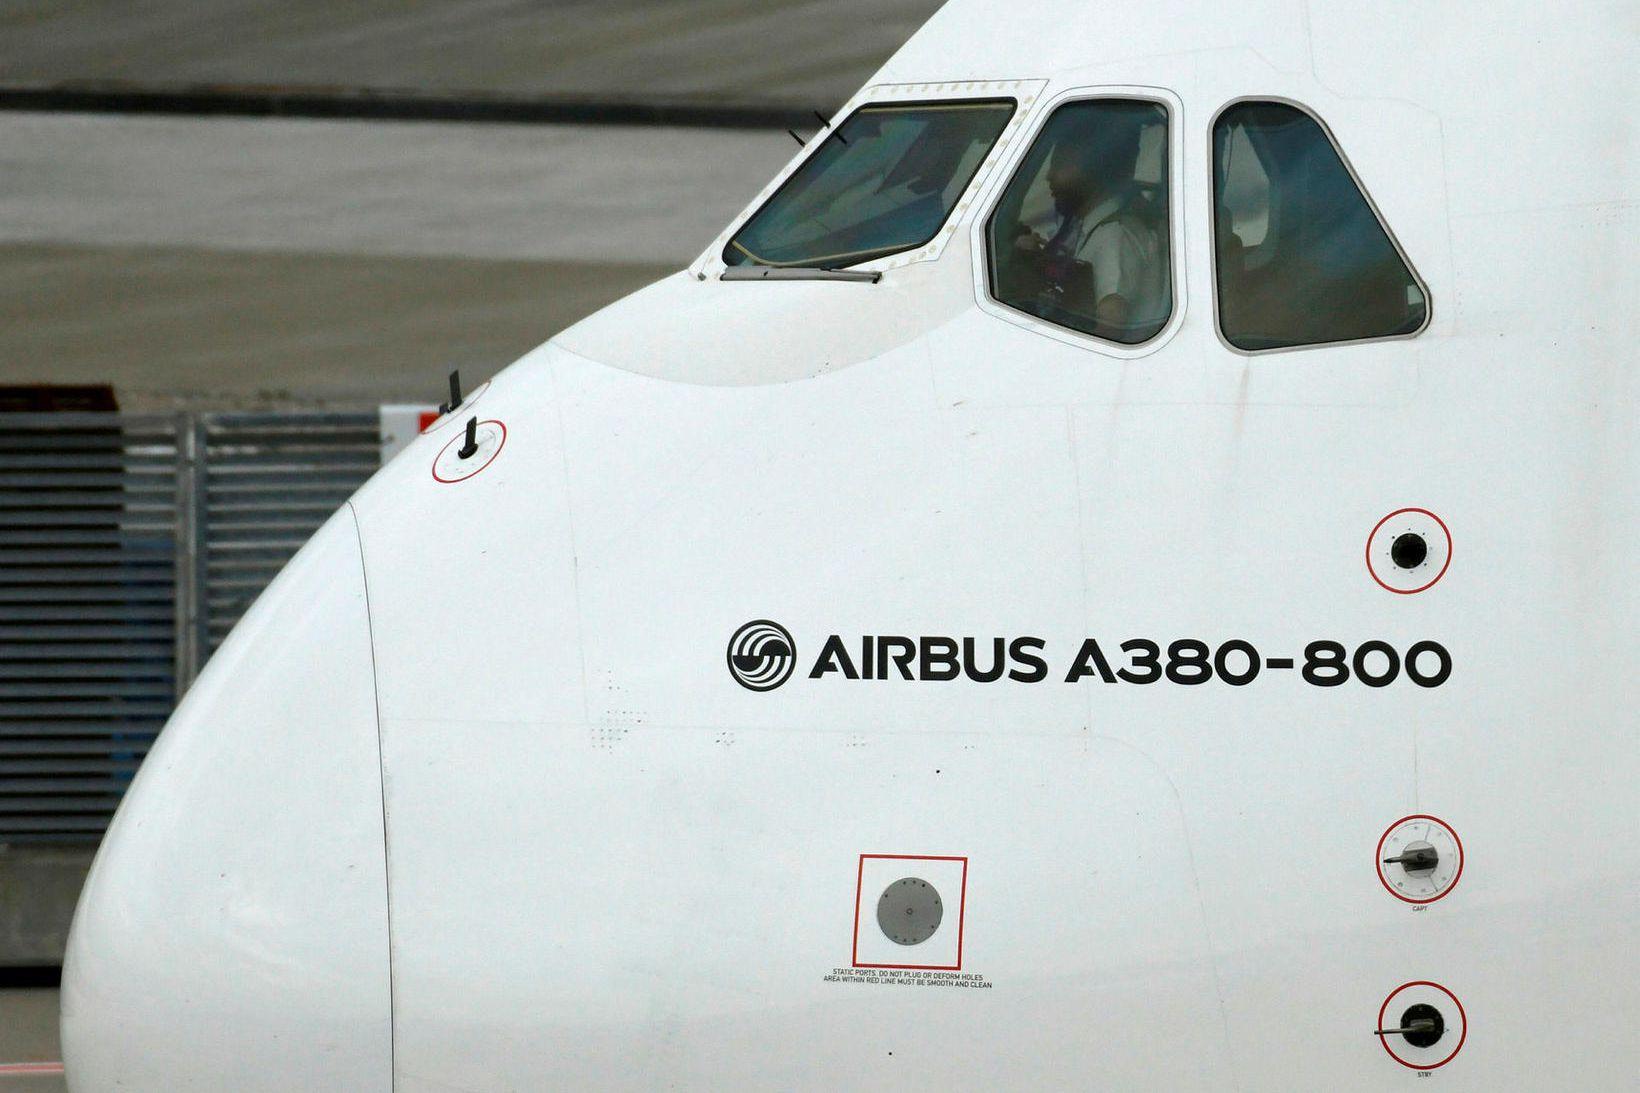 Flugvél Airbus.